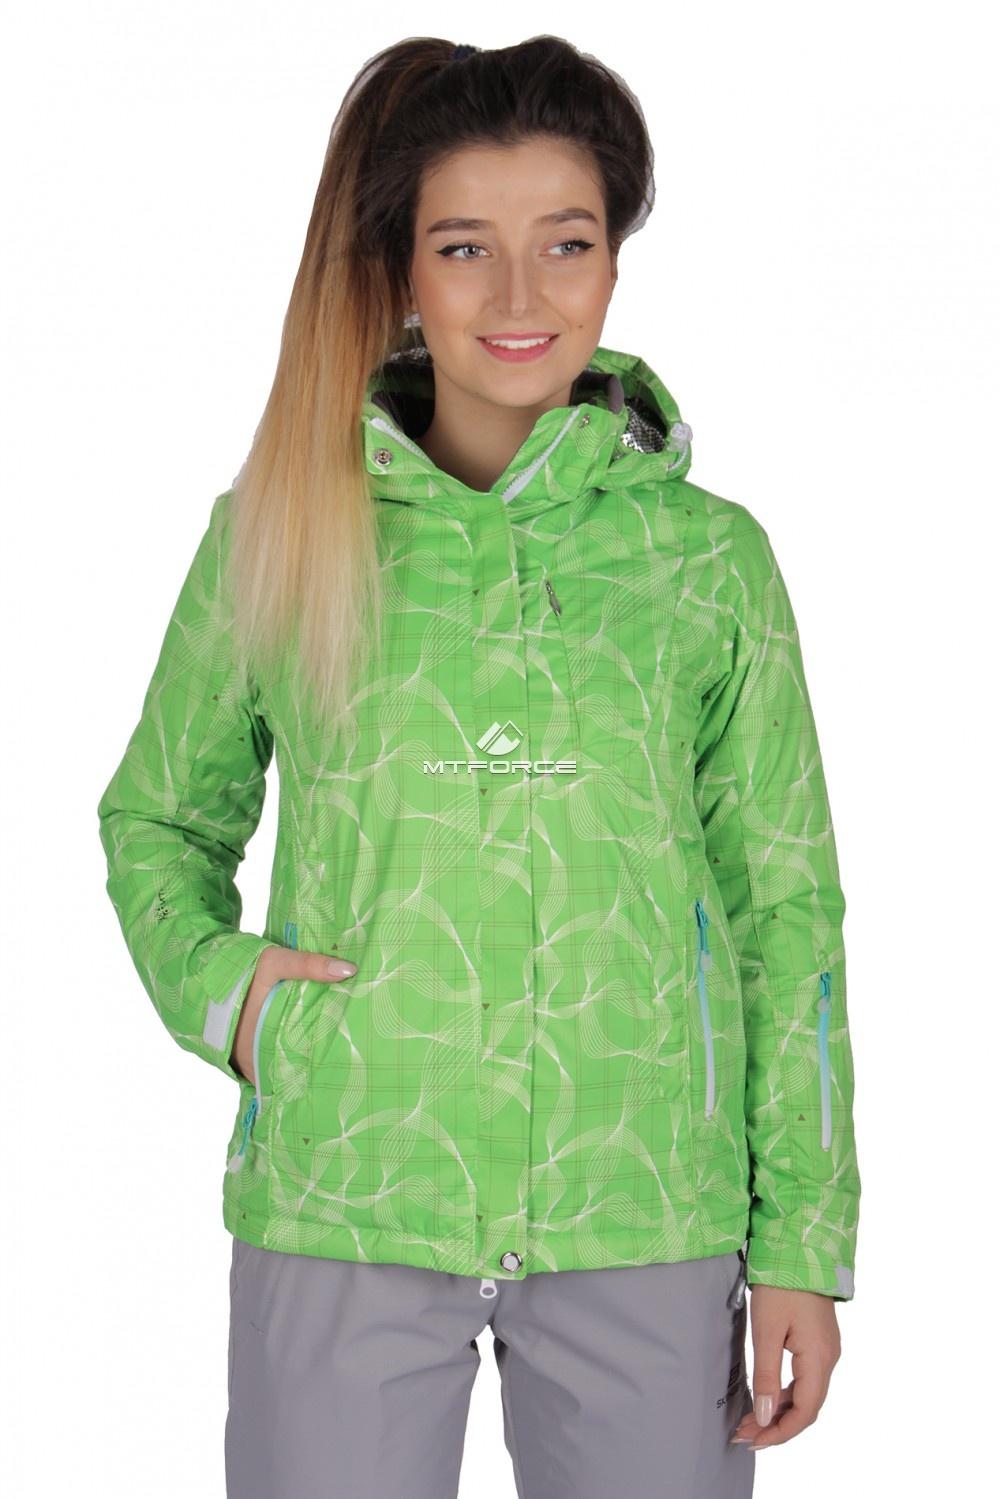 Купить оптом Куртка спортивная женская демисезонная салатового цвета 1710Sl в Санкт-Петербурге